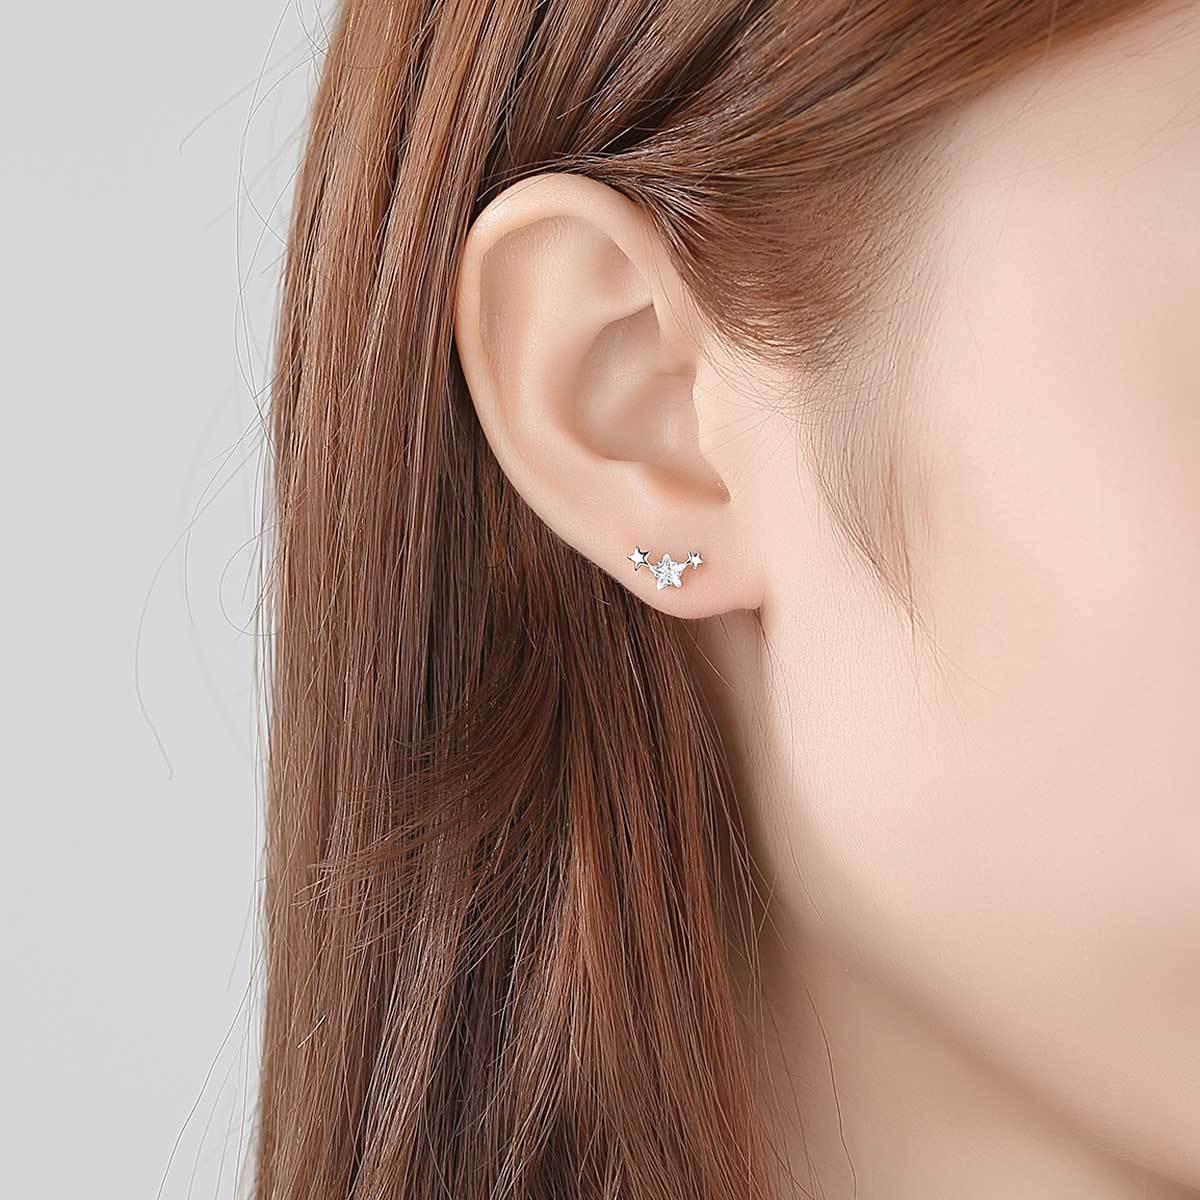 PAG & MAG nouveau 925 boucles d'oreilles en argent Sterling étoile Zircon boucles d'oreilles femme mode simple petit pentagramme femme bijoux - 2